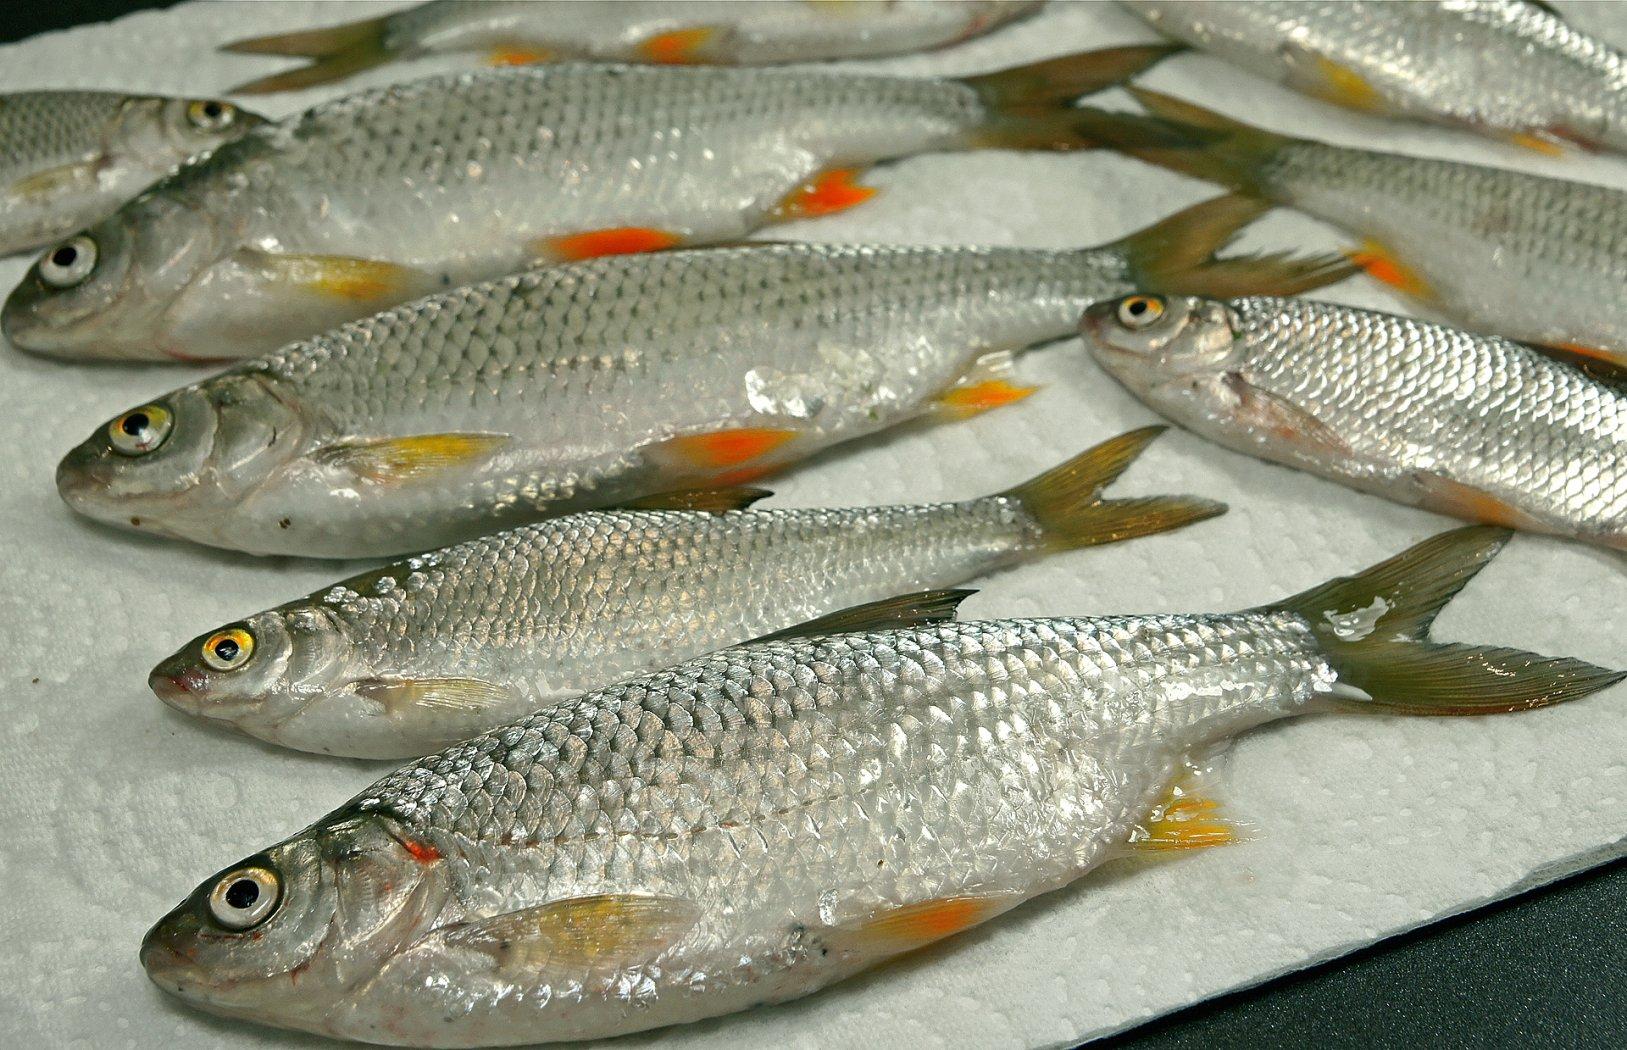 Köderfische zum Einfrieren vorbereiten